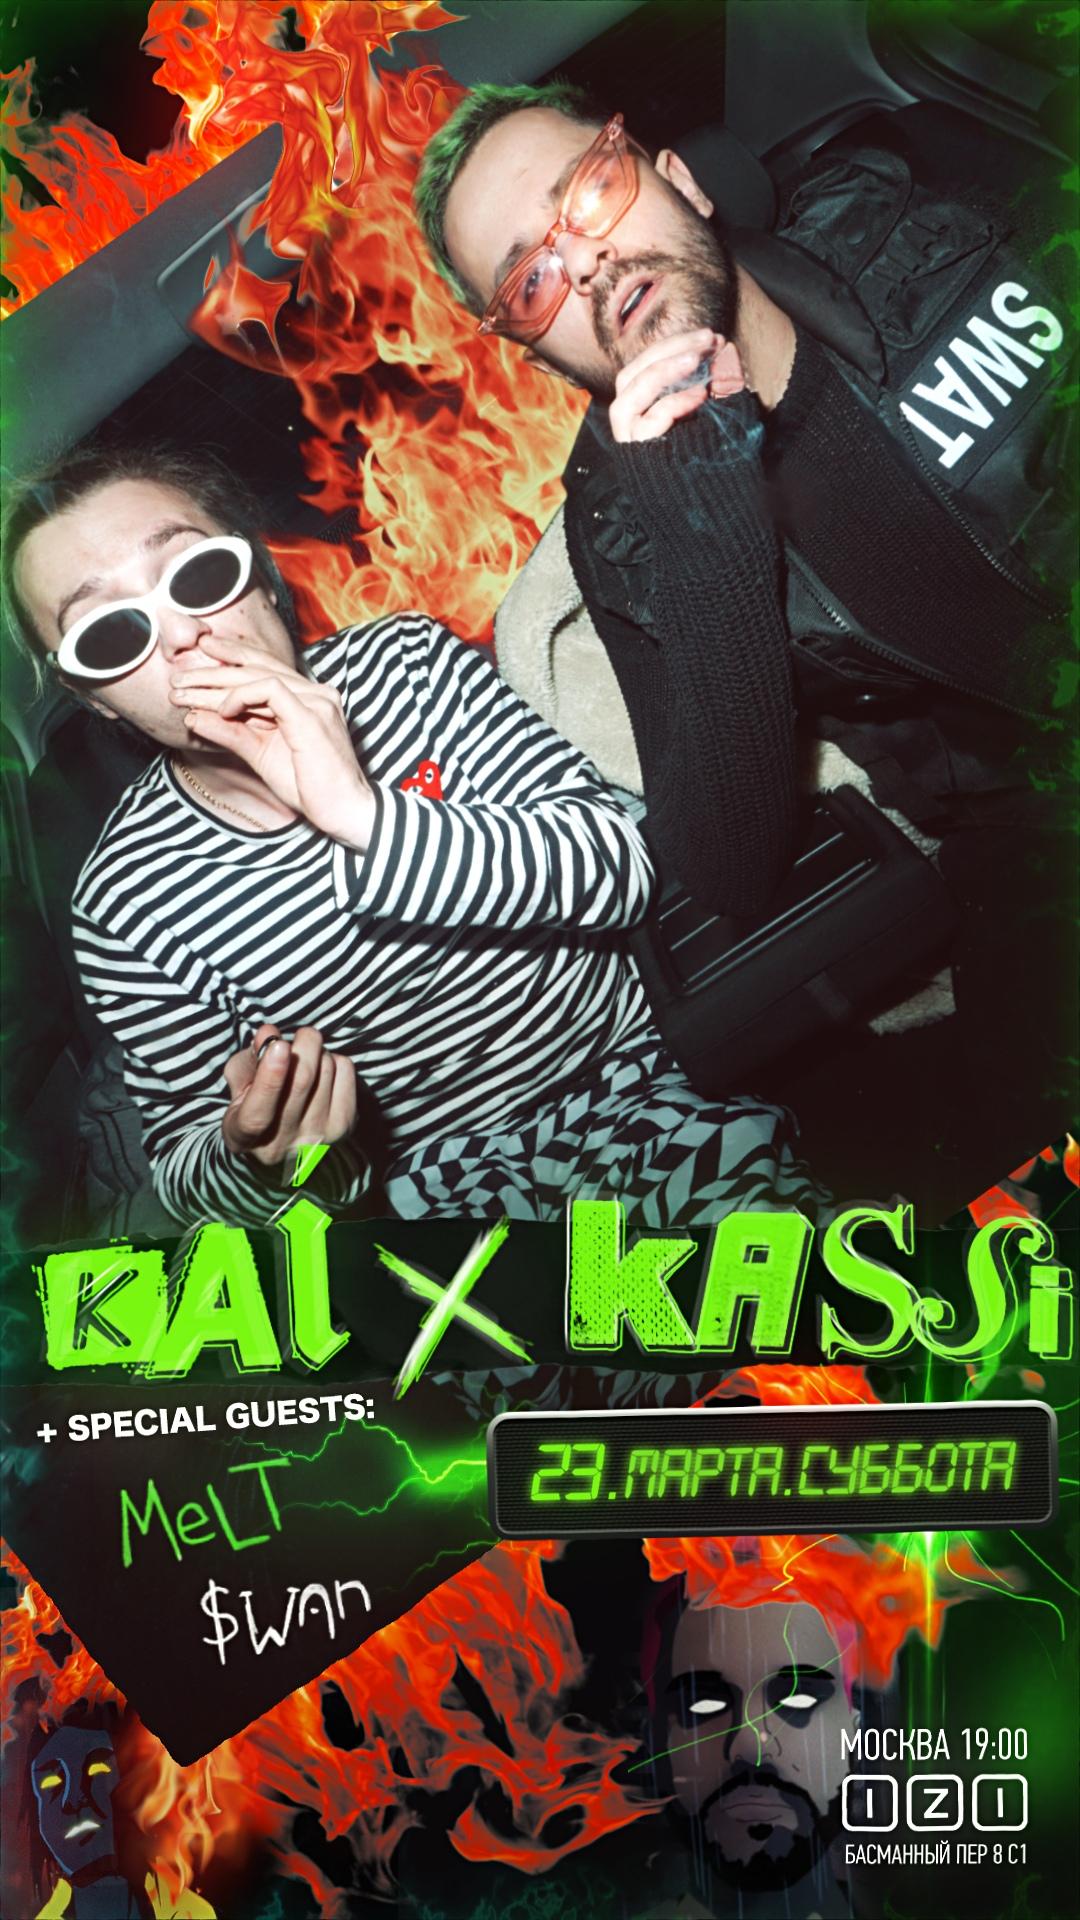 KAI & KASSI